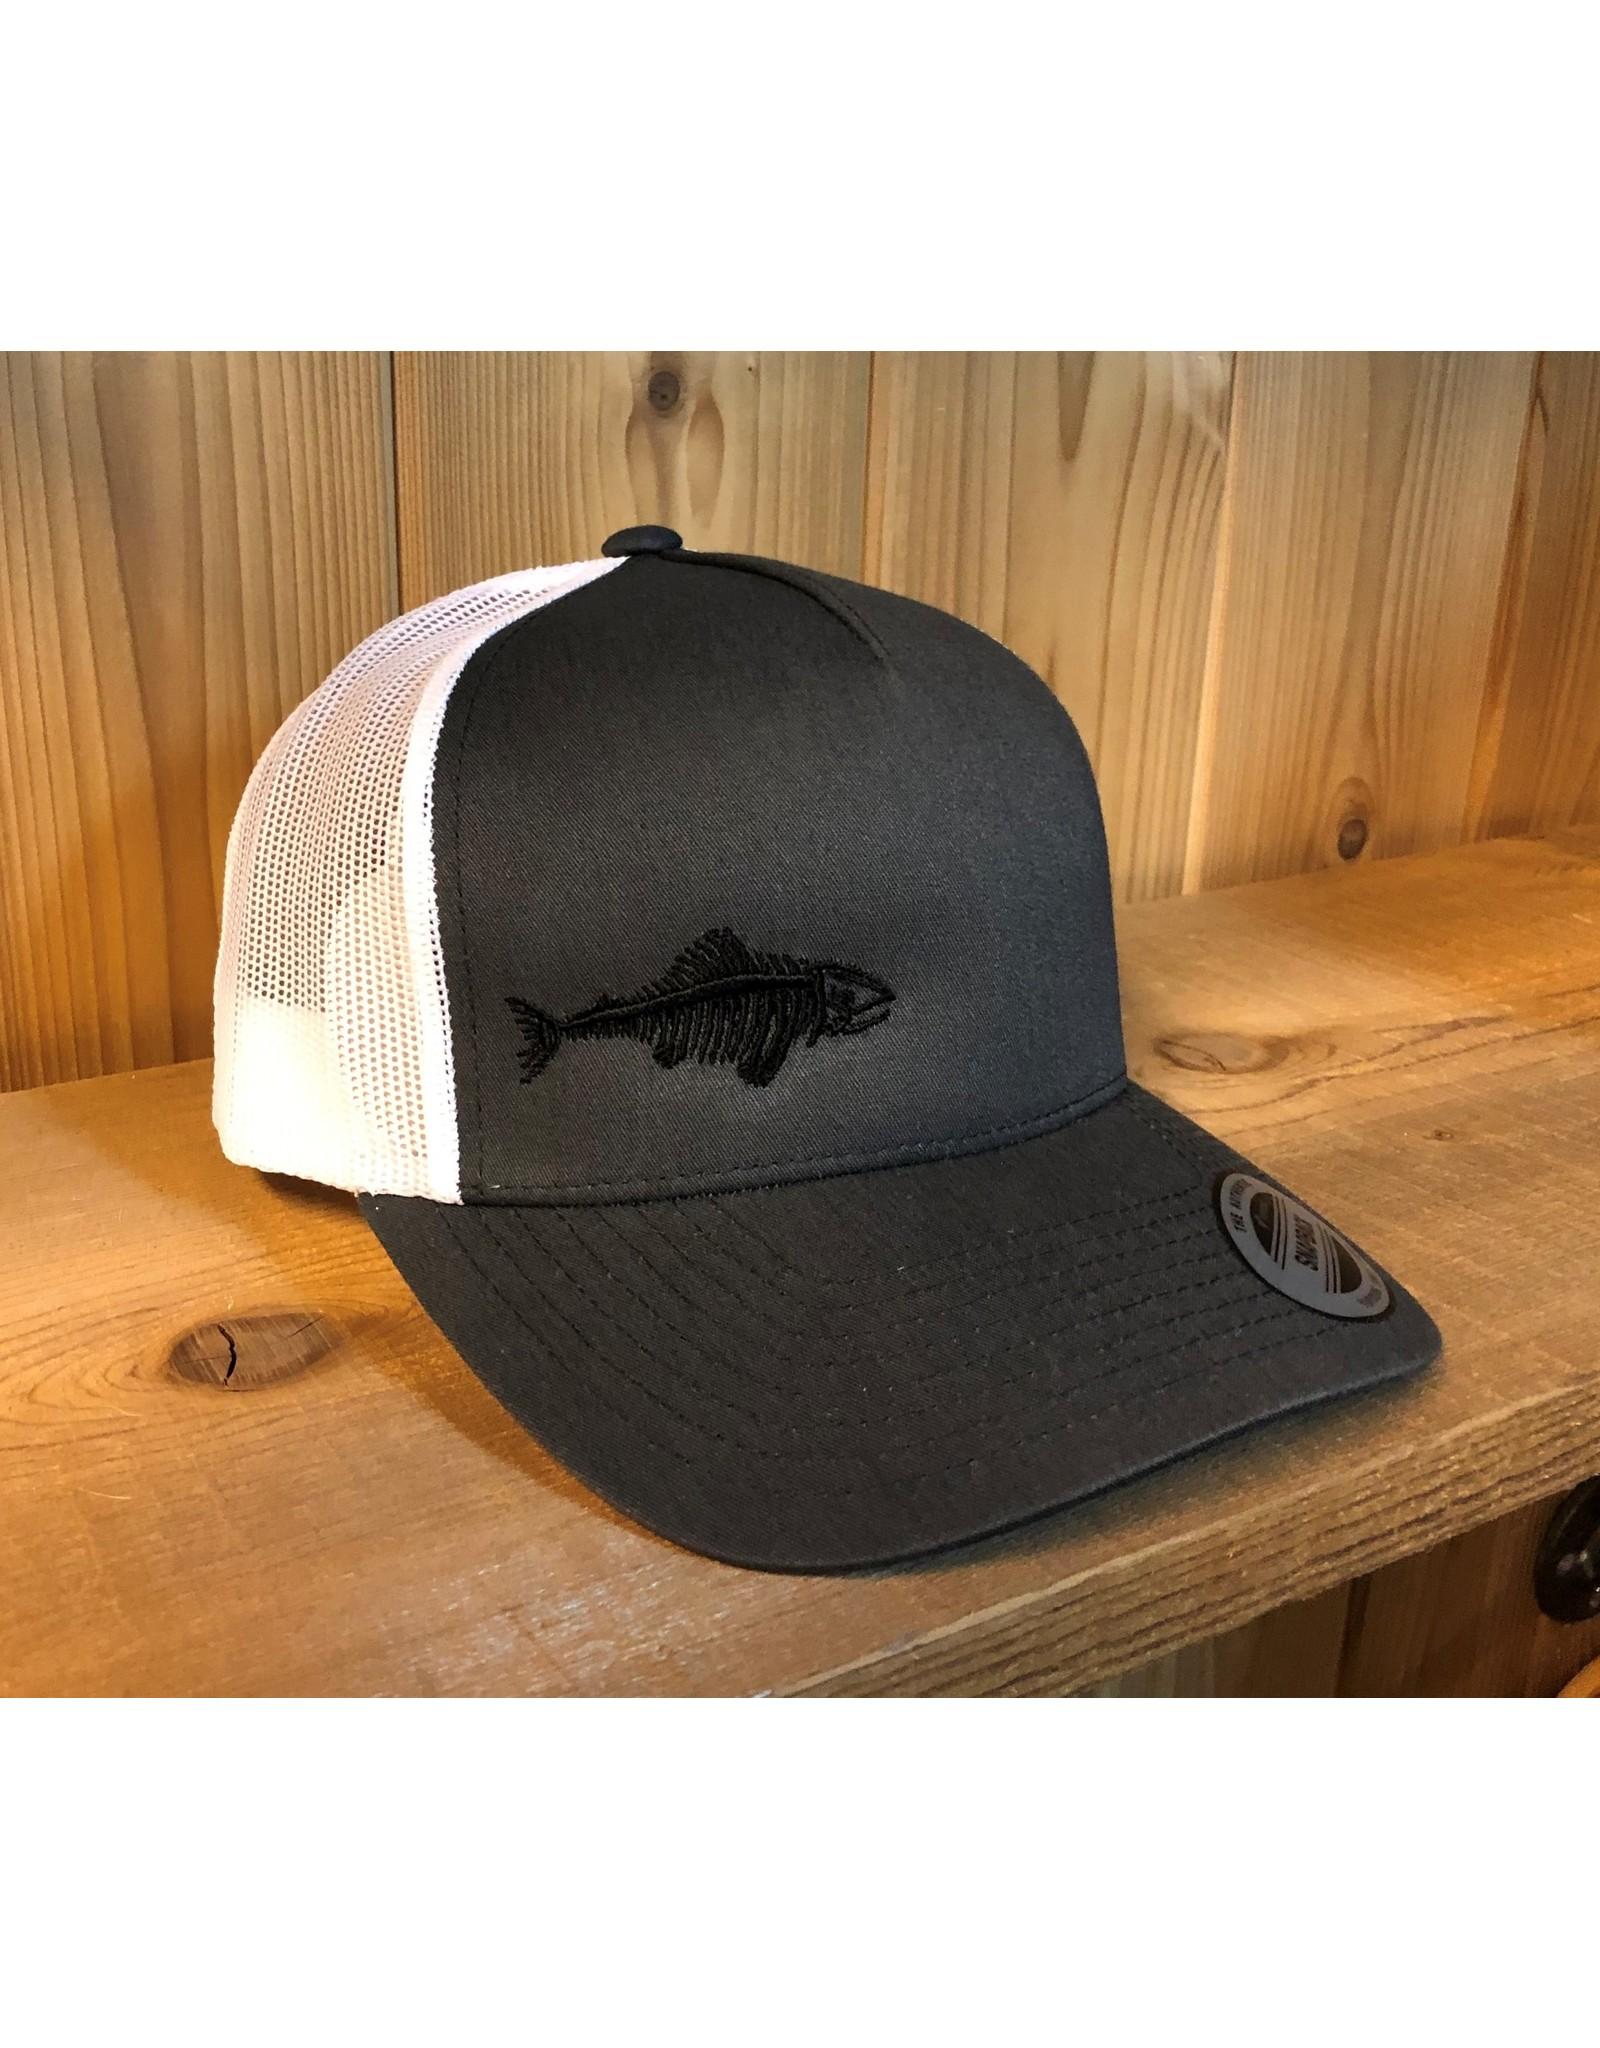 FILLET & RELEASE THE ORIGINAL FILLET & RELEASE SNAPBACK CAP Grey/White